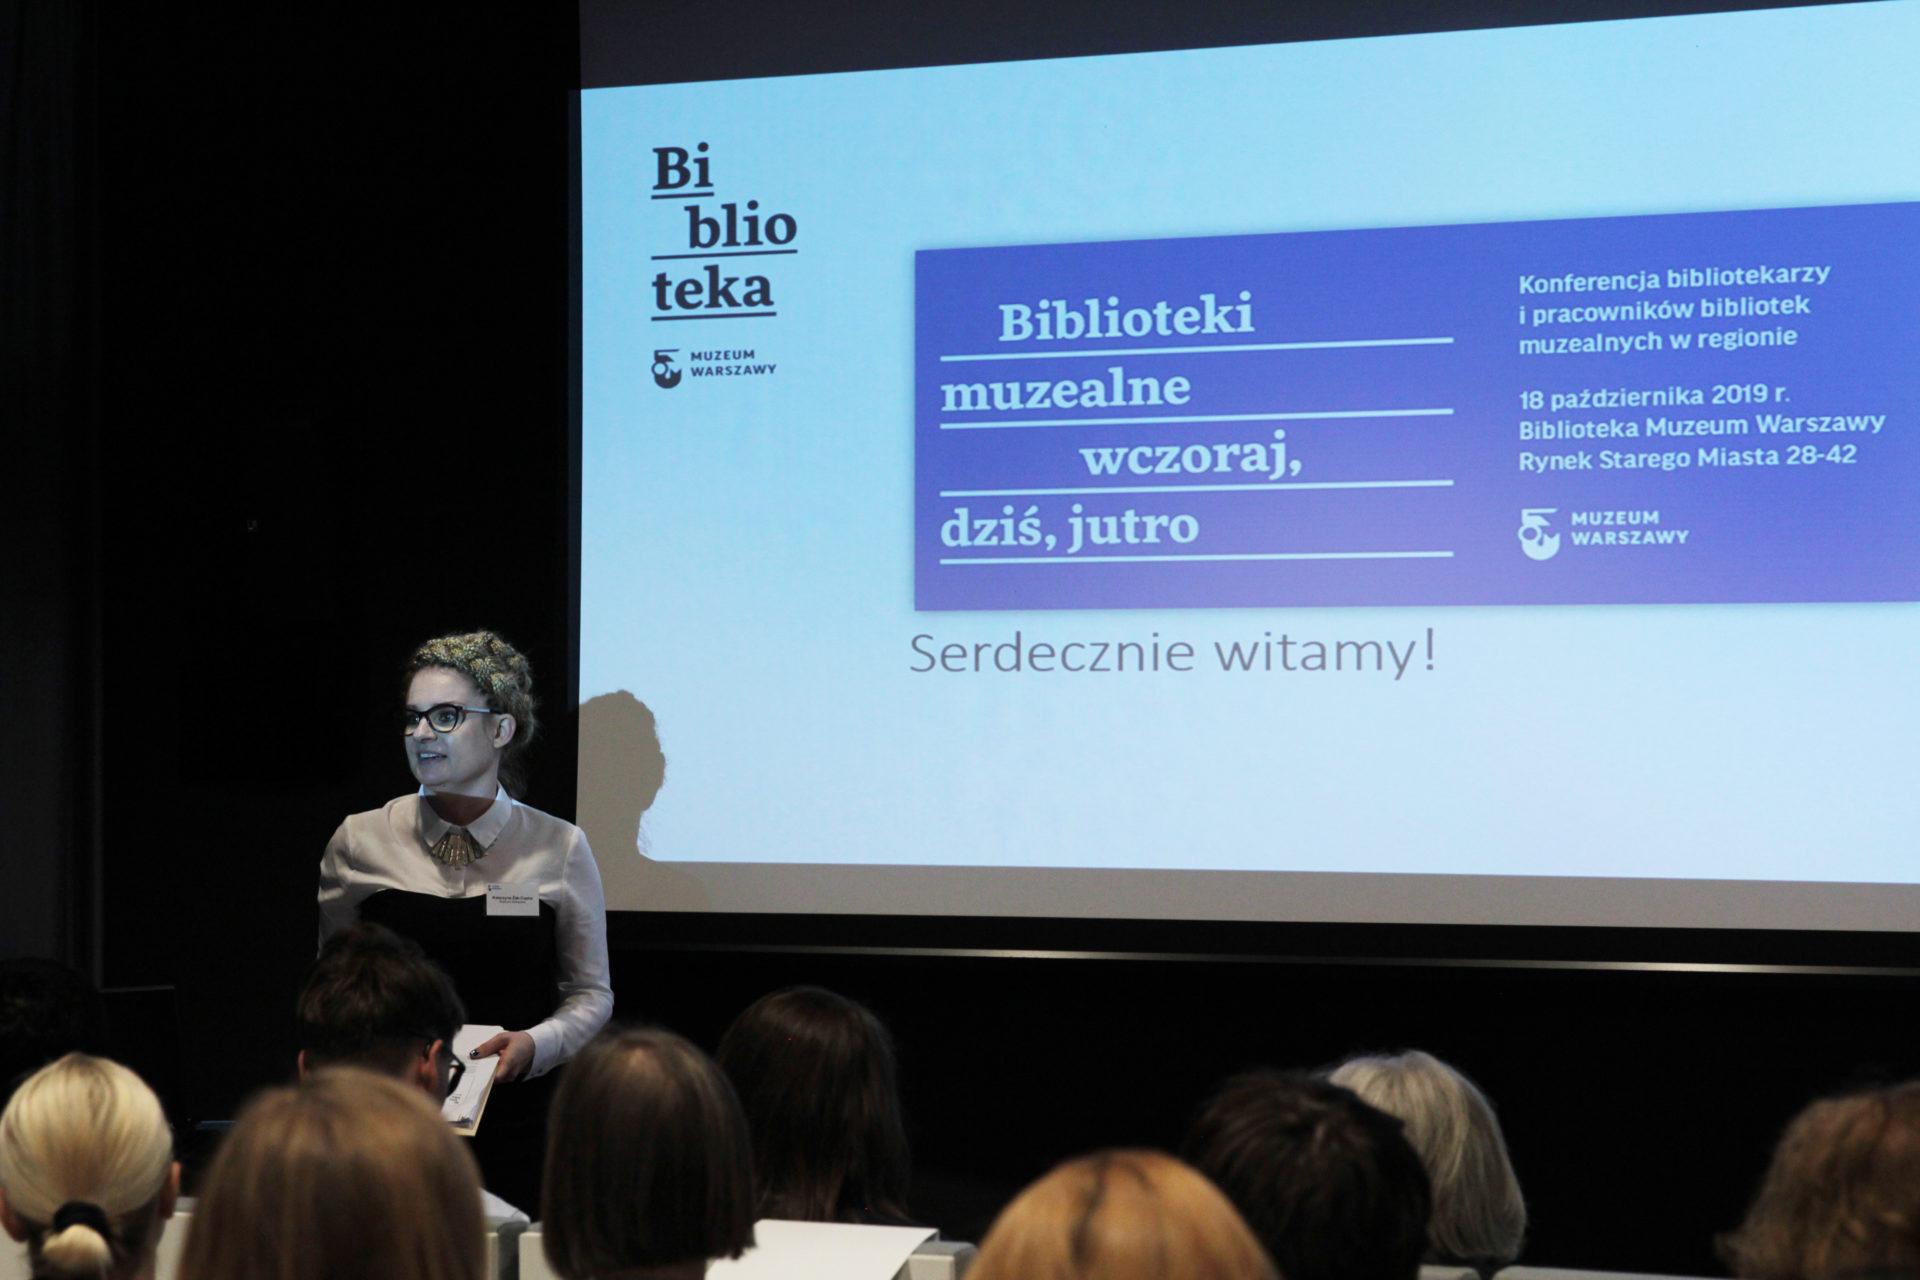 """Konferencja """"Biblioteki muzealne wczoraj, dziś, jutro"""" wMuzeum Warszawy"""